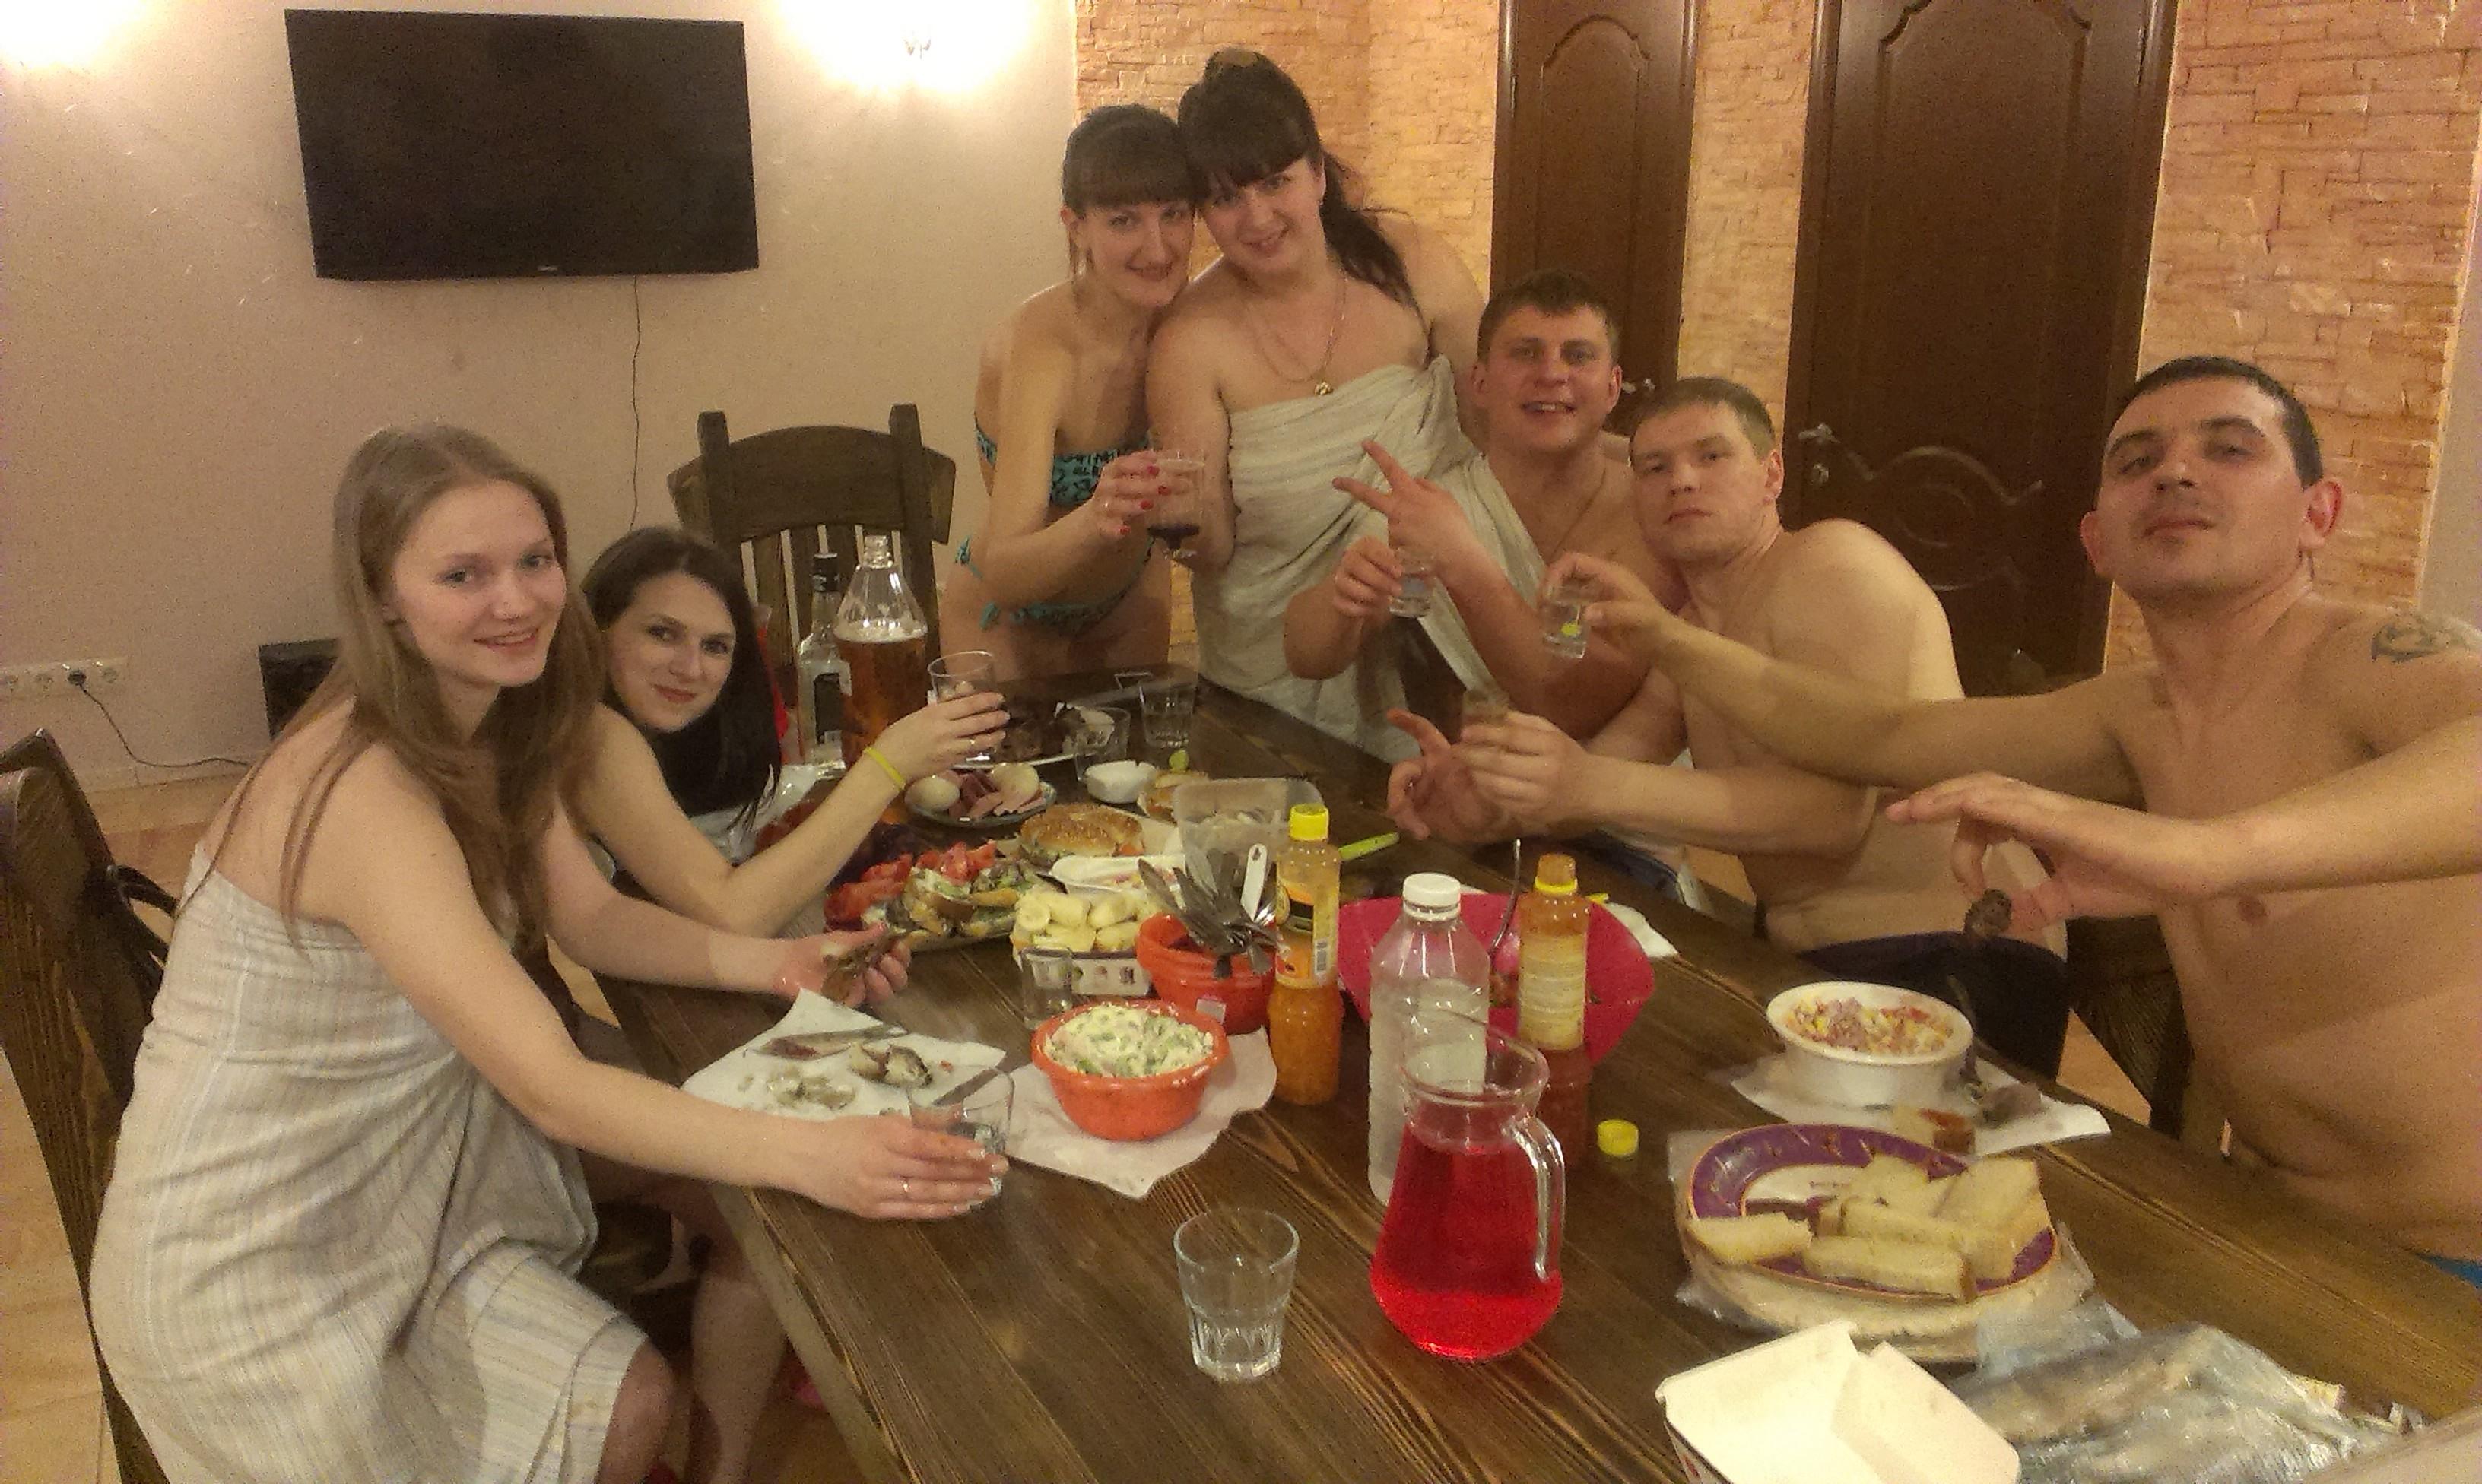 Рассказ секс в бане с друзьями, Порно рассказ: В первый раз с другом в бане 13 фотография